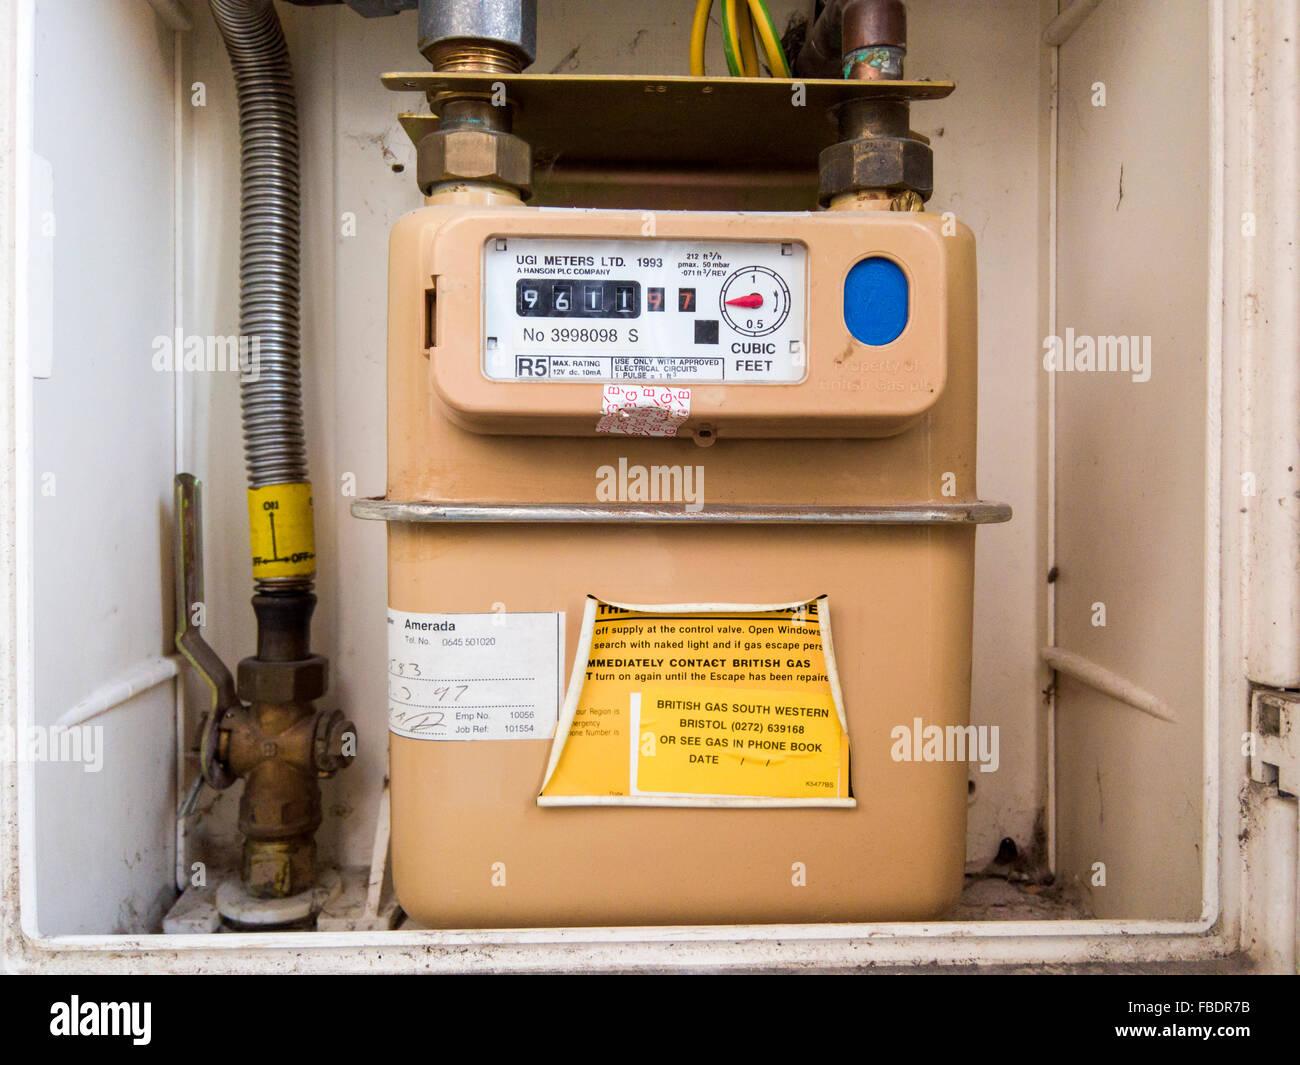 Inländischen Gas Meter Vereinigtes Königreich Stockfoto, Bild ...